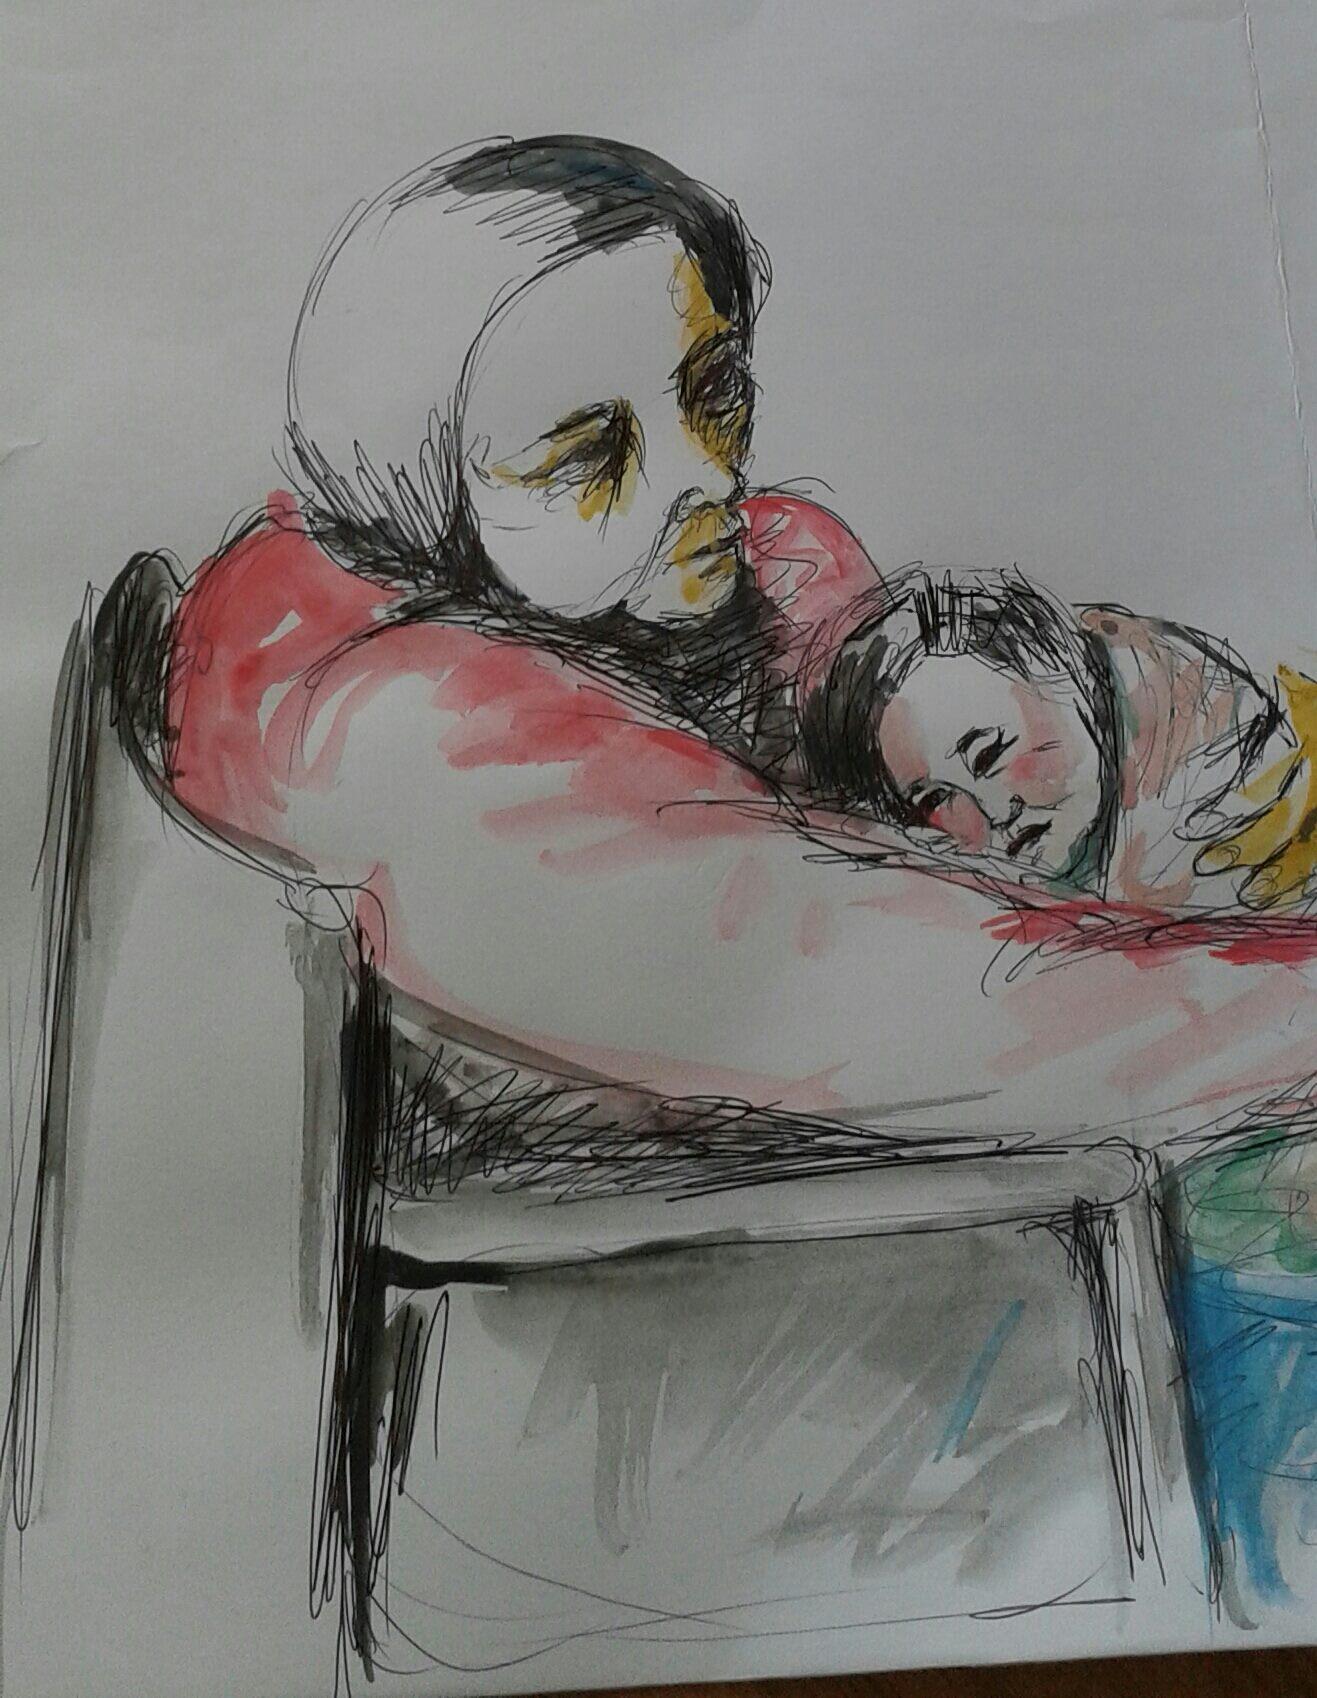 הורי – ציפורה בראבי by tsipi baravi - Illustrated by ציפורה בראבי - Ourboox.com